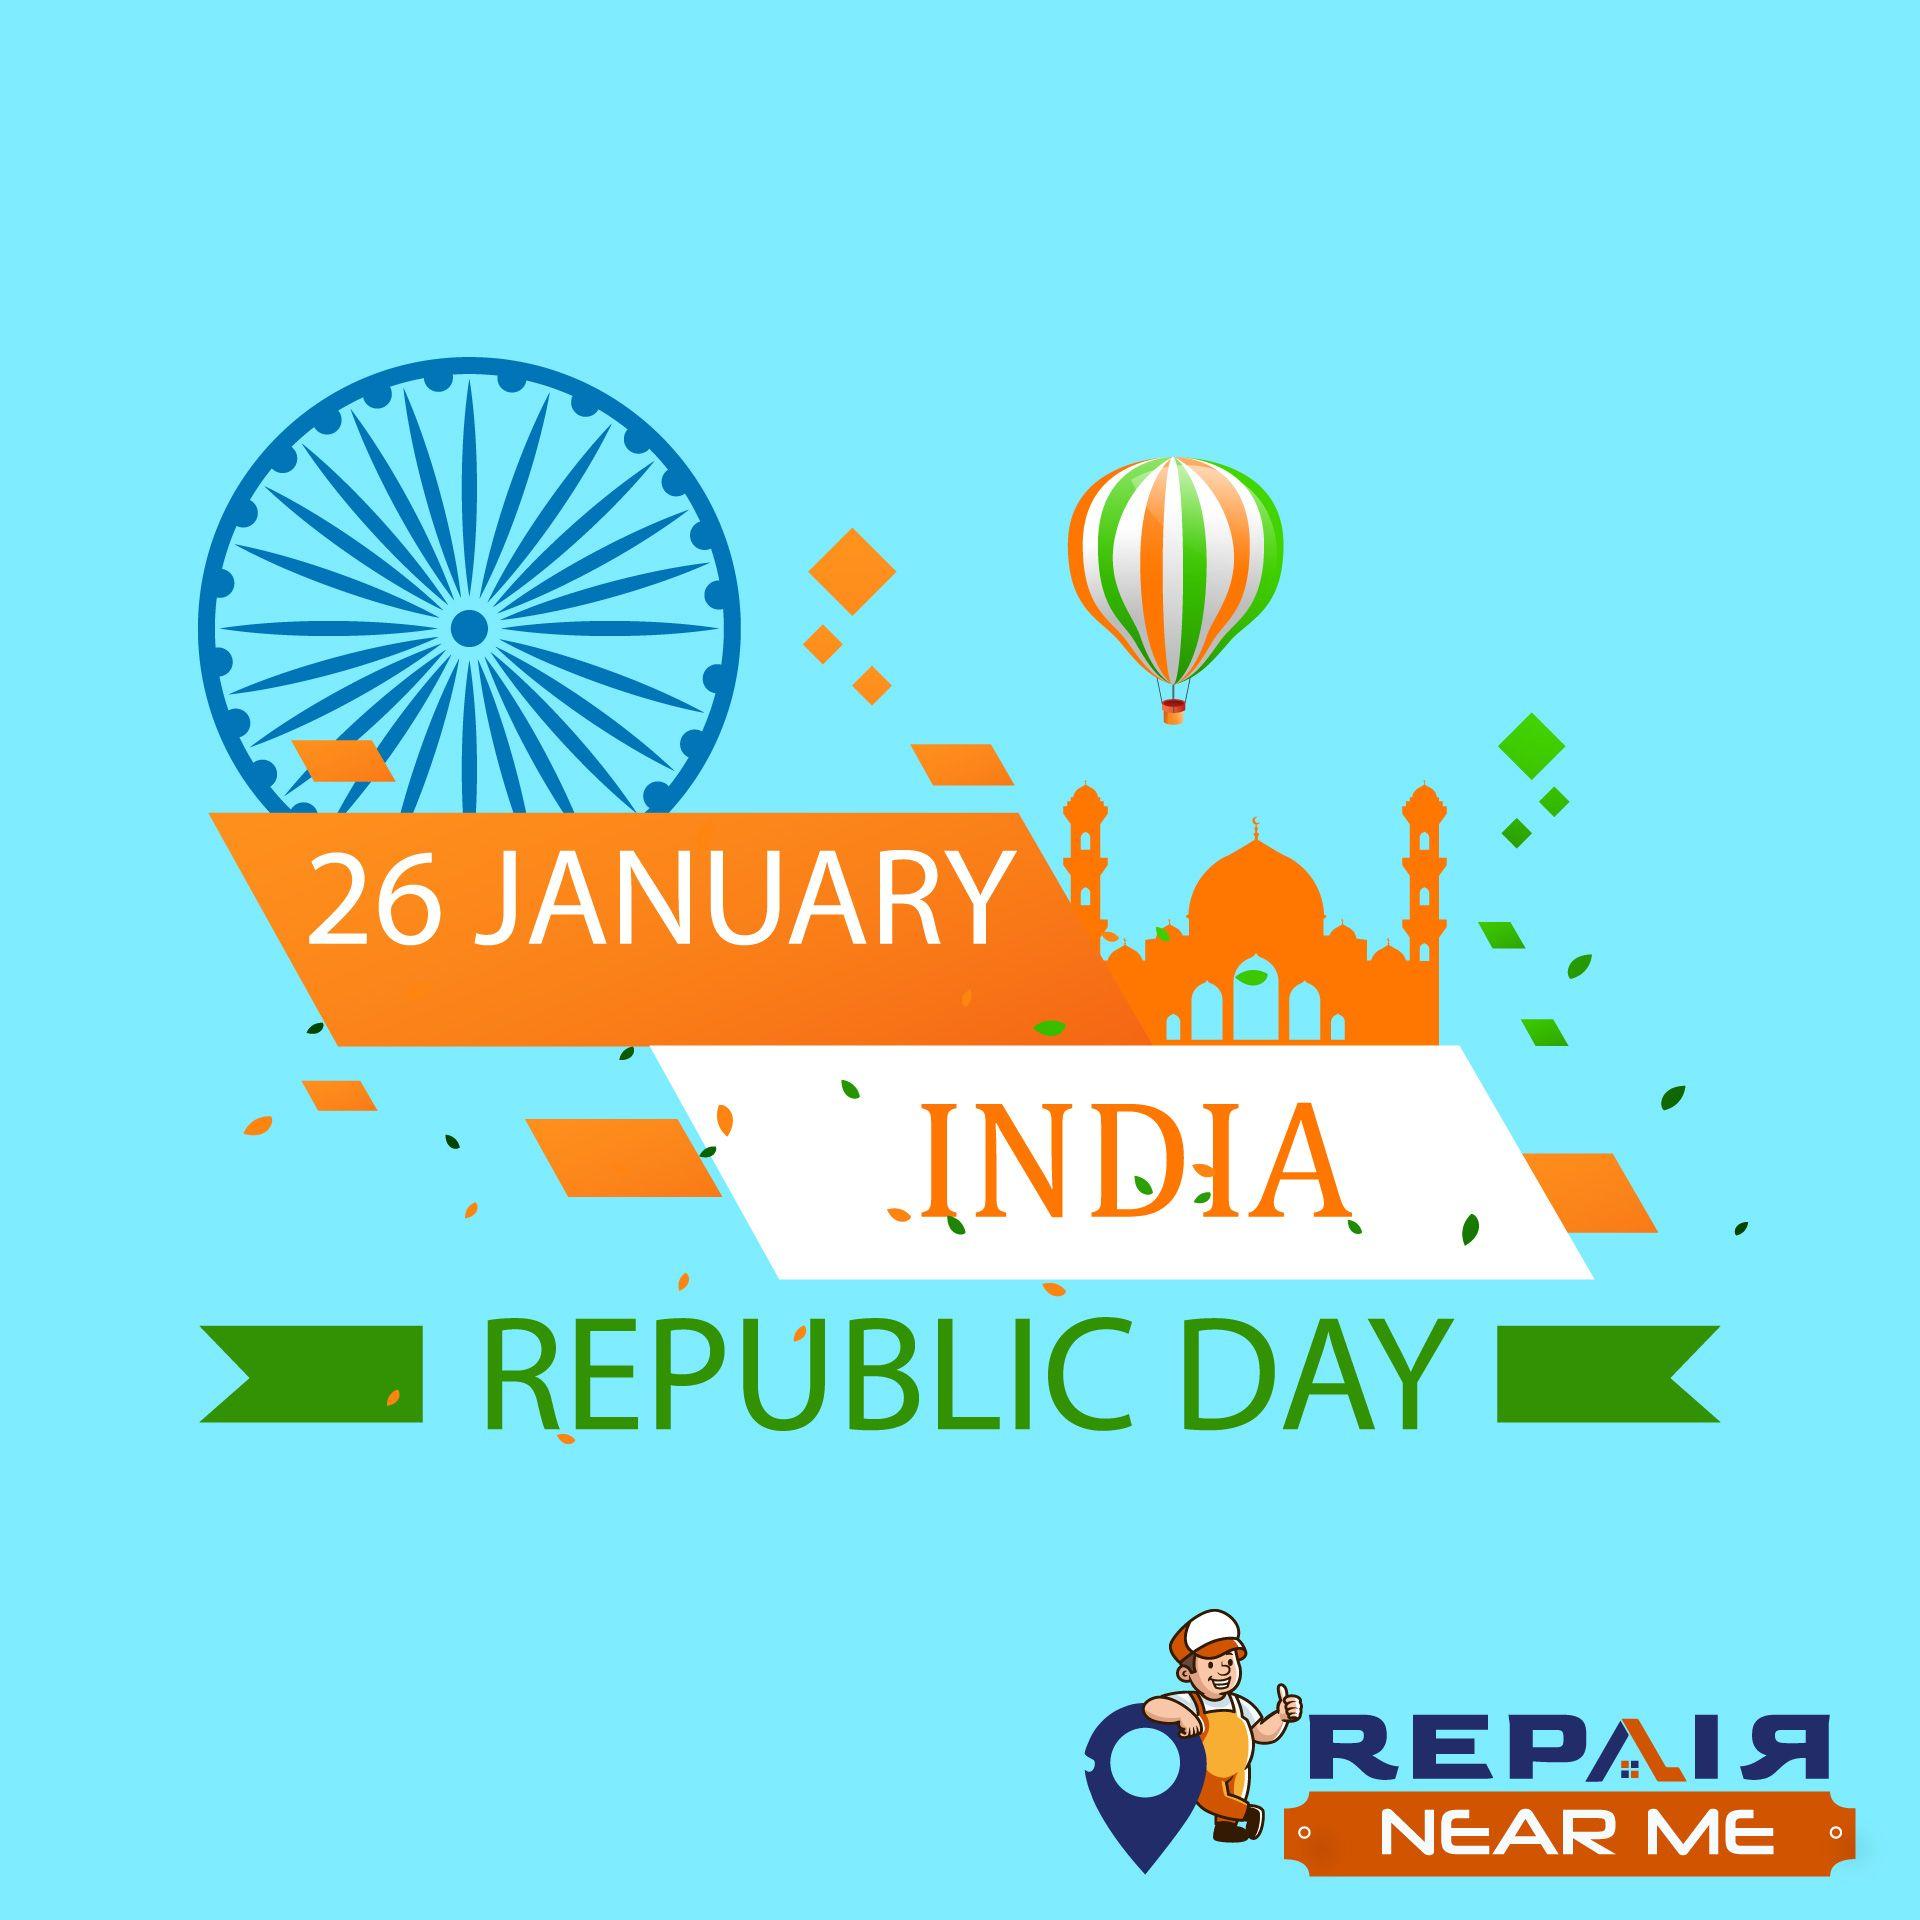 Happy Republic Day 26 Jan 2021 In 2021 Republic Day Happy Republic Day India Republic Day